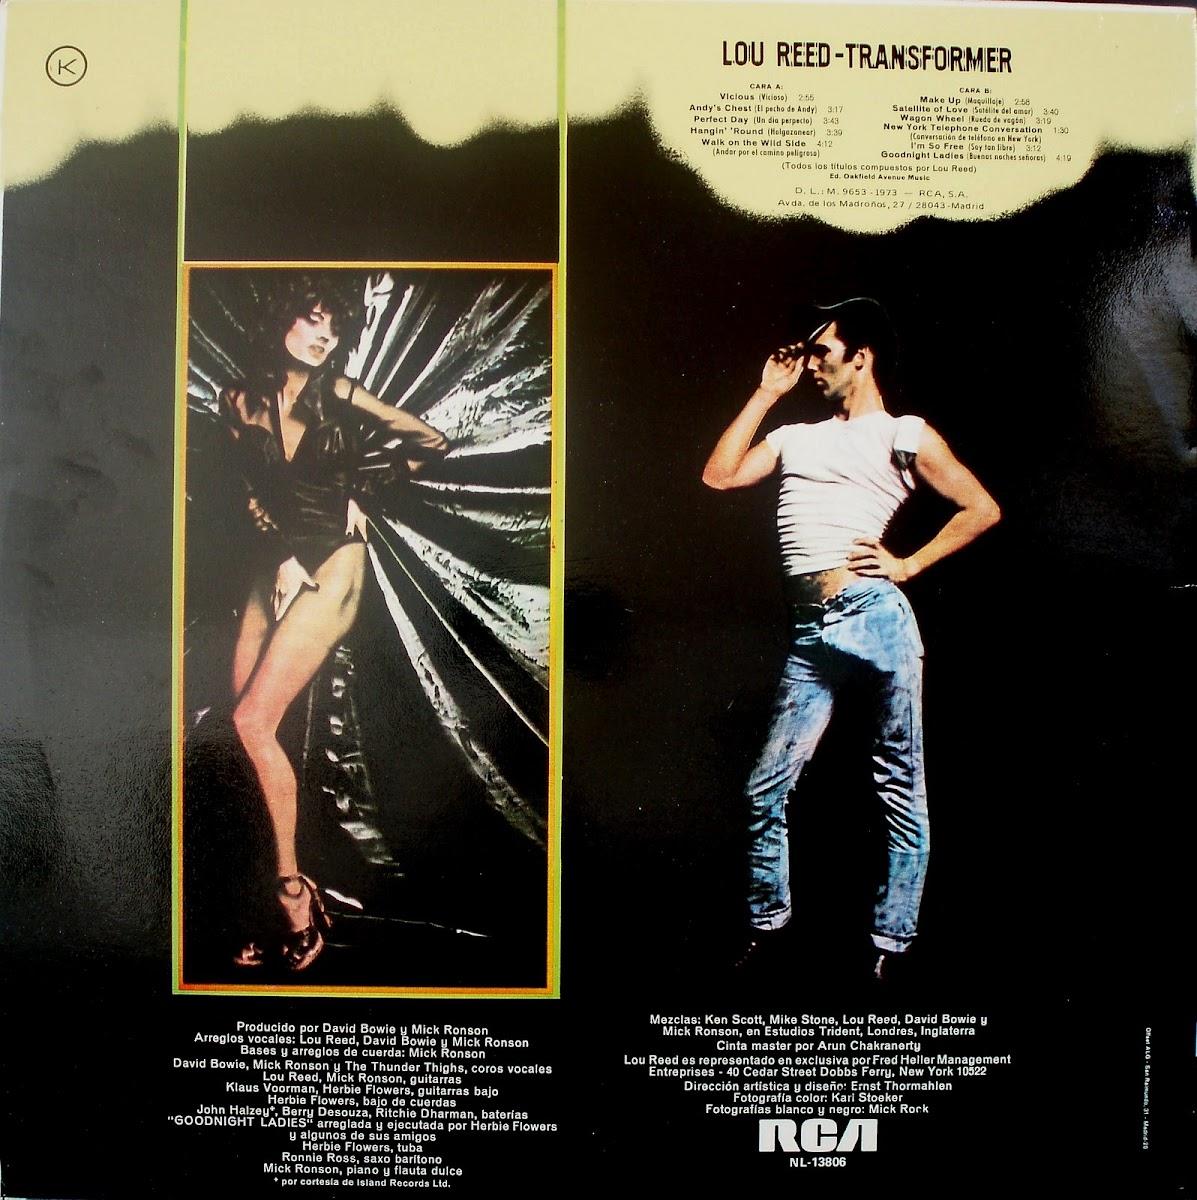 http://4.bp.blogspot.com/_usW1sUASiZU/SDwWEjyTGfI/AAAAAAAAAlY/qt_sXTzCINY/s1200/Lou+Reed-Transformer-back.jpg